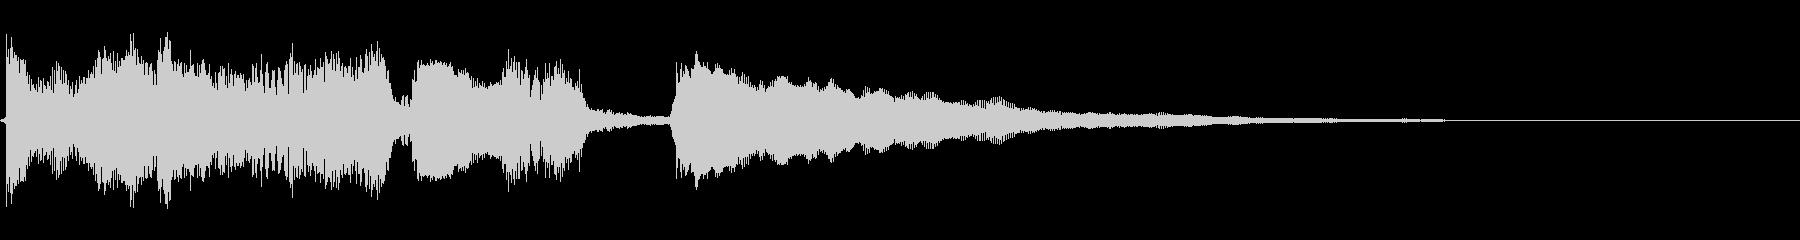 クリーンギターのアルペジオ、転換時etcの未再生の波形